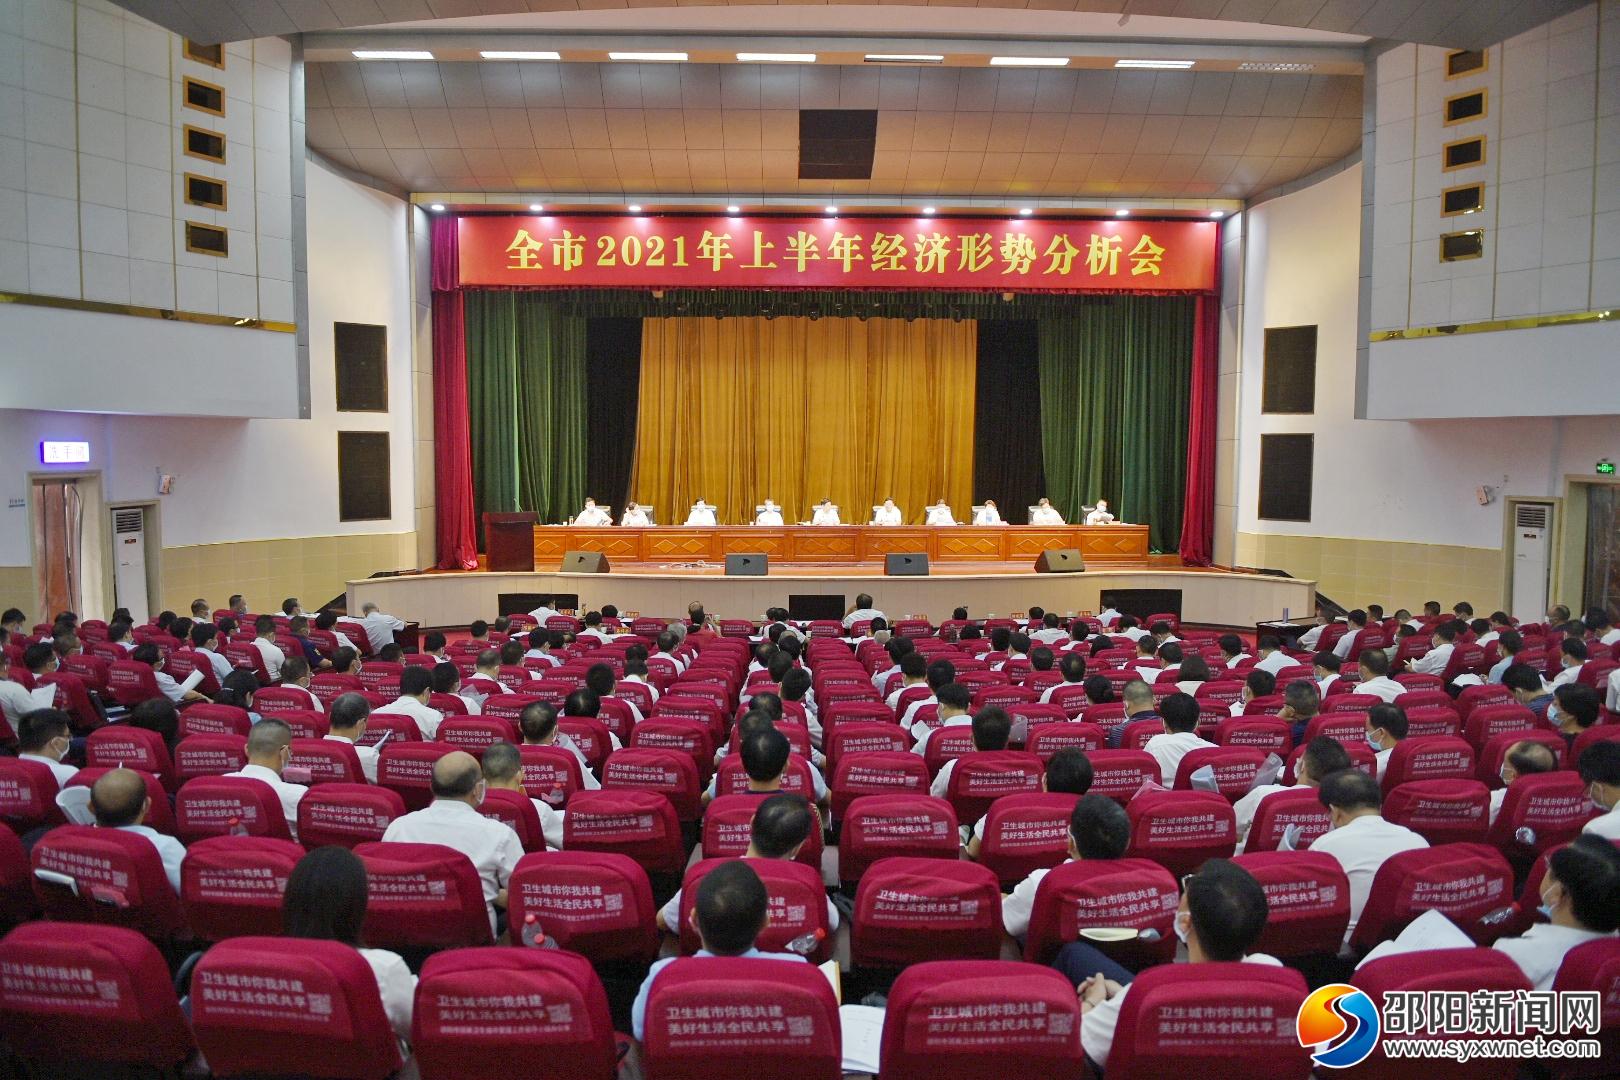 2021邵阳gdp_邵阳市各区县2021年上半年GDP数据已出,看看哪些县区增长最快